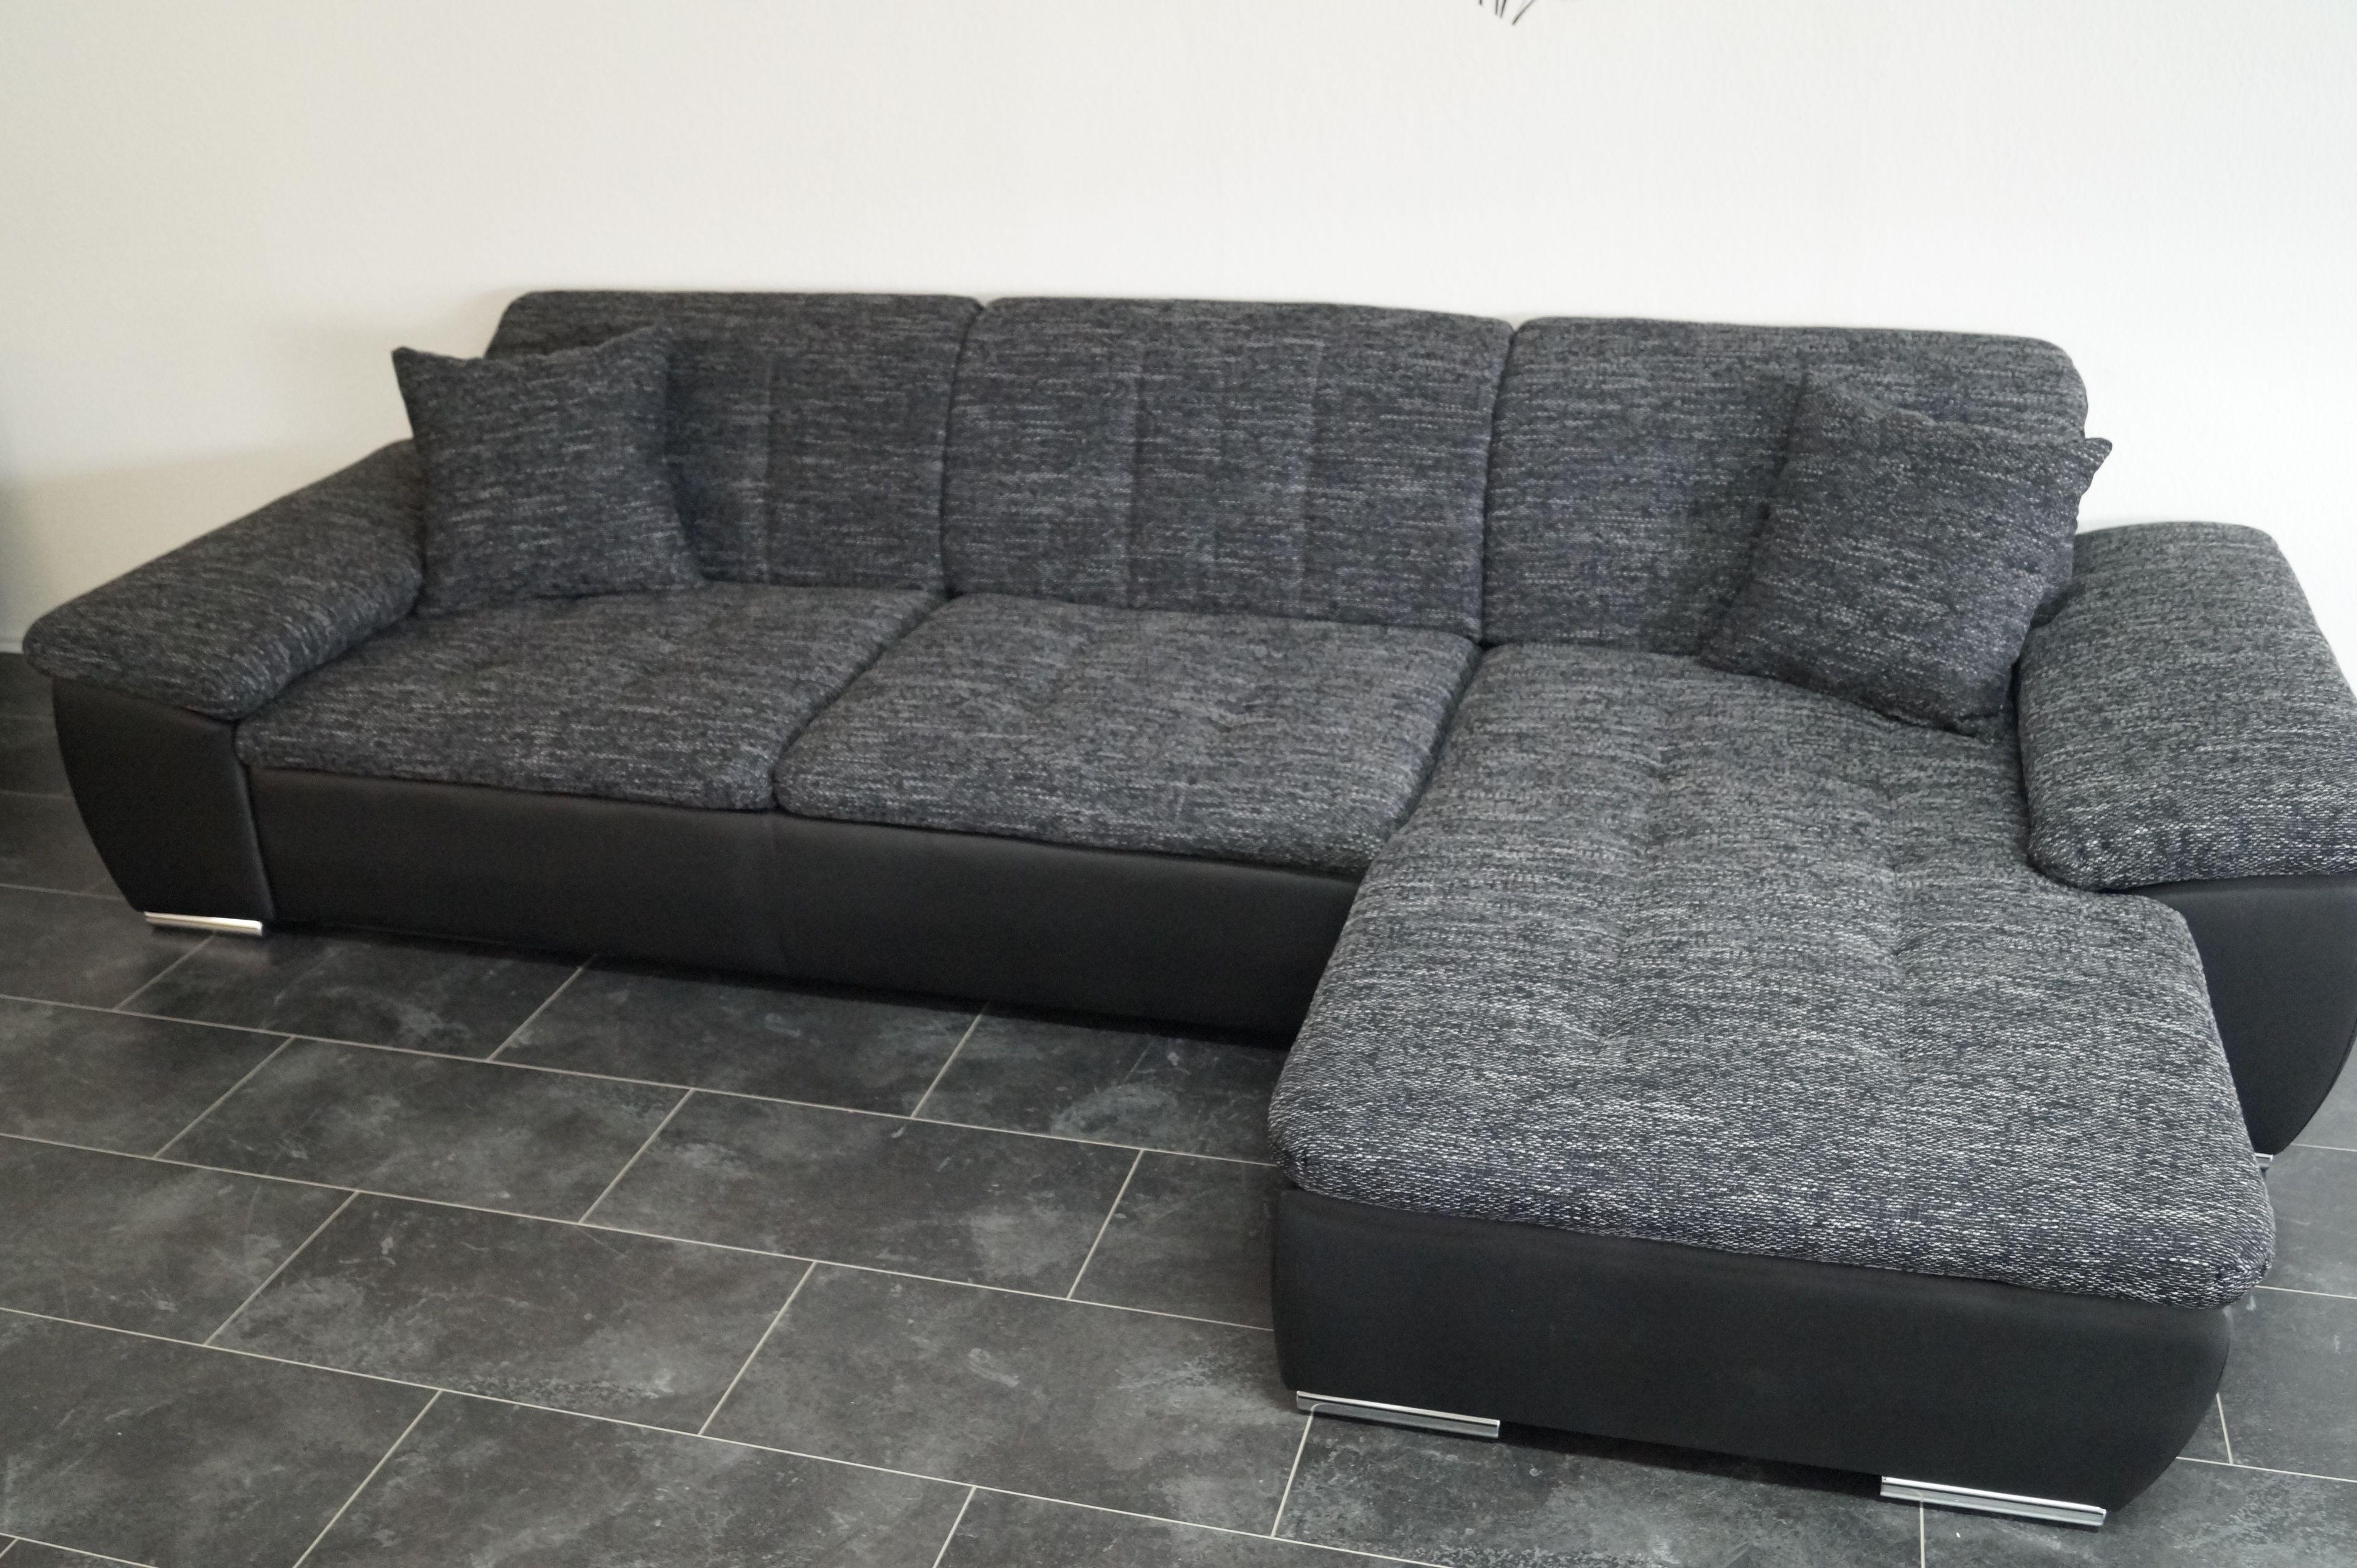 Sofa Lagerverkauf Fabrikverkauf Elkenroth Polstermöbel